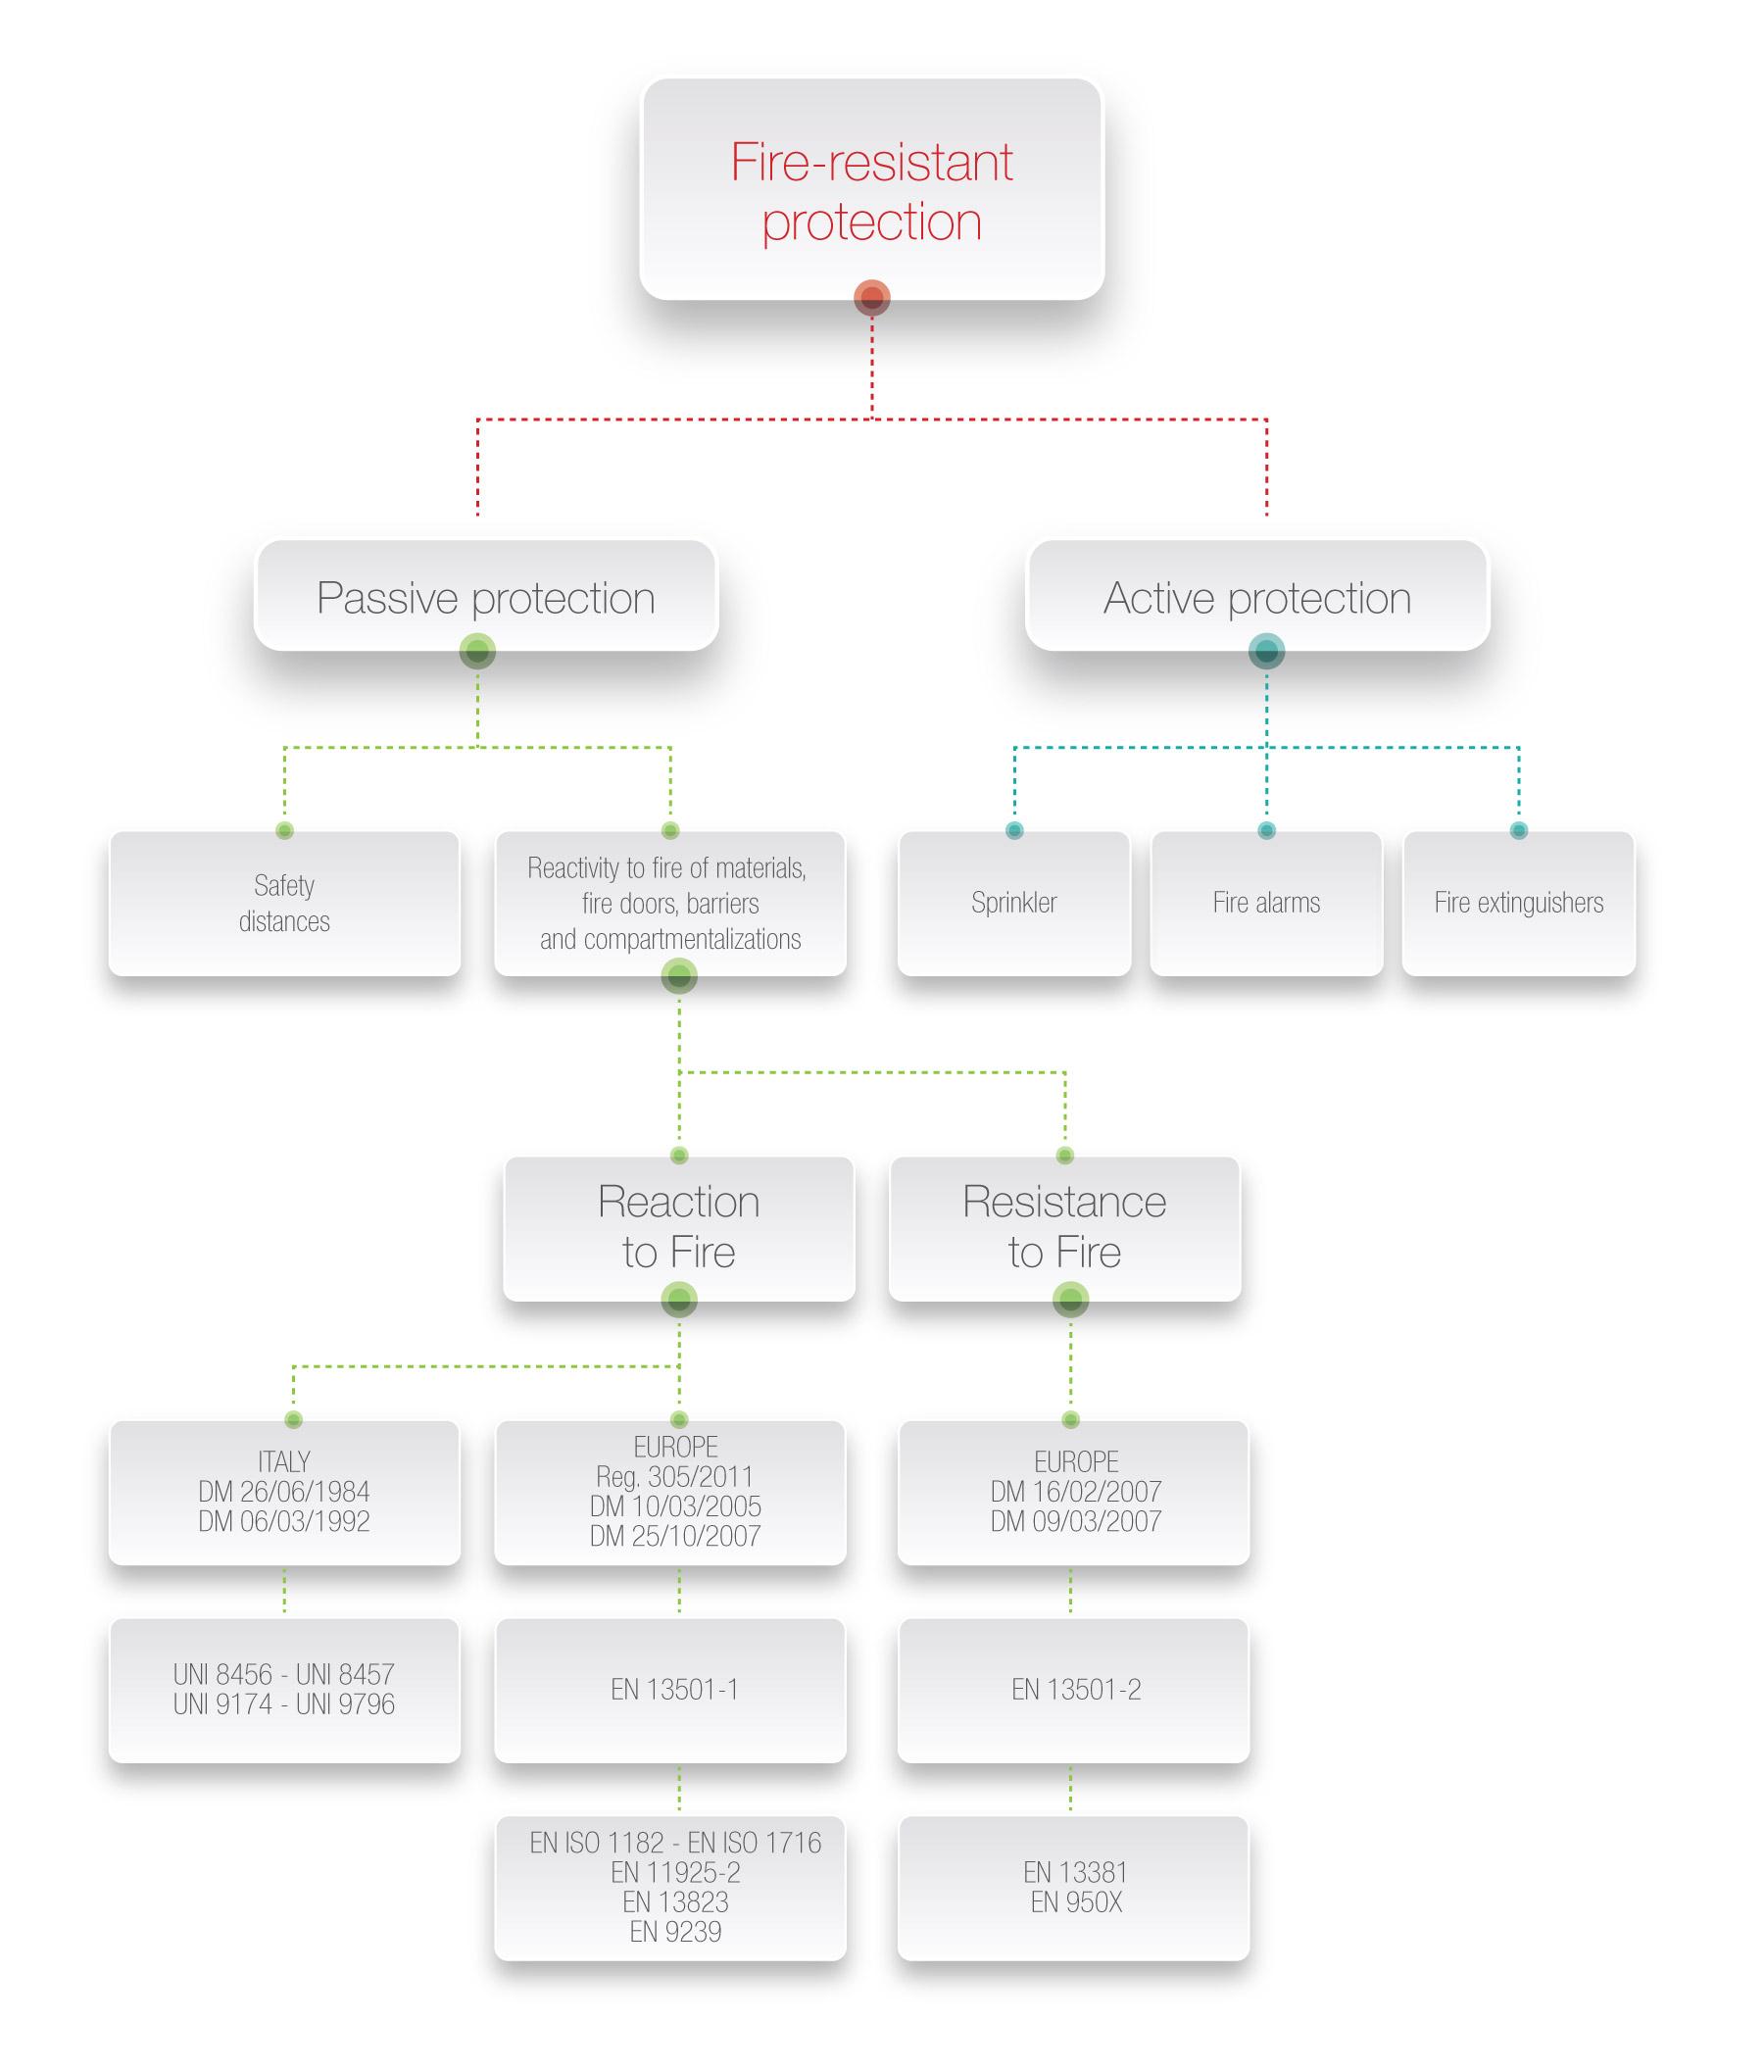 quadro_normativo_web_en